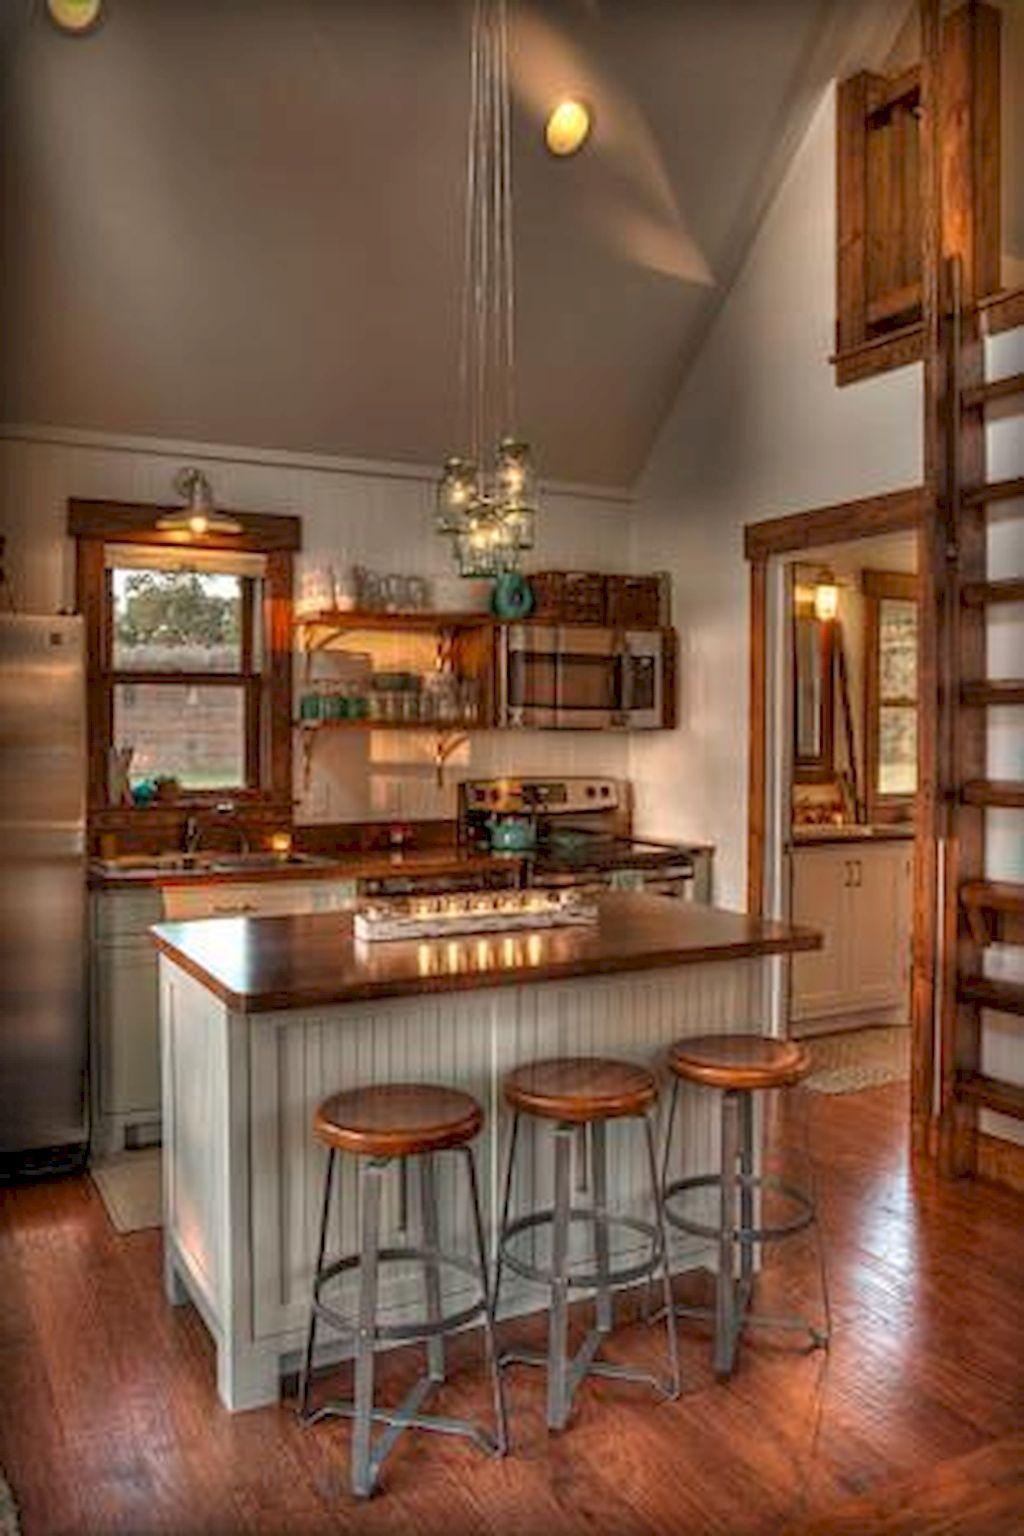 Genius tiny house kitchen ideas (37) | Tiny house kitchen ...